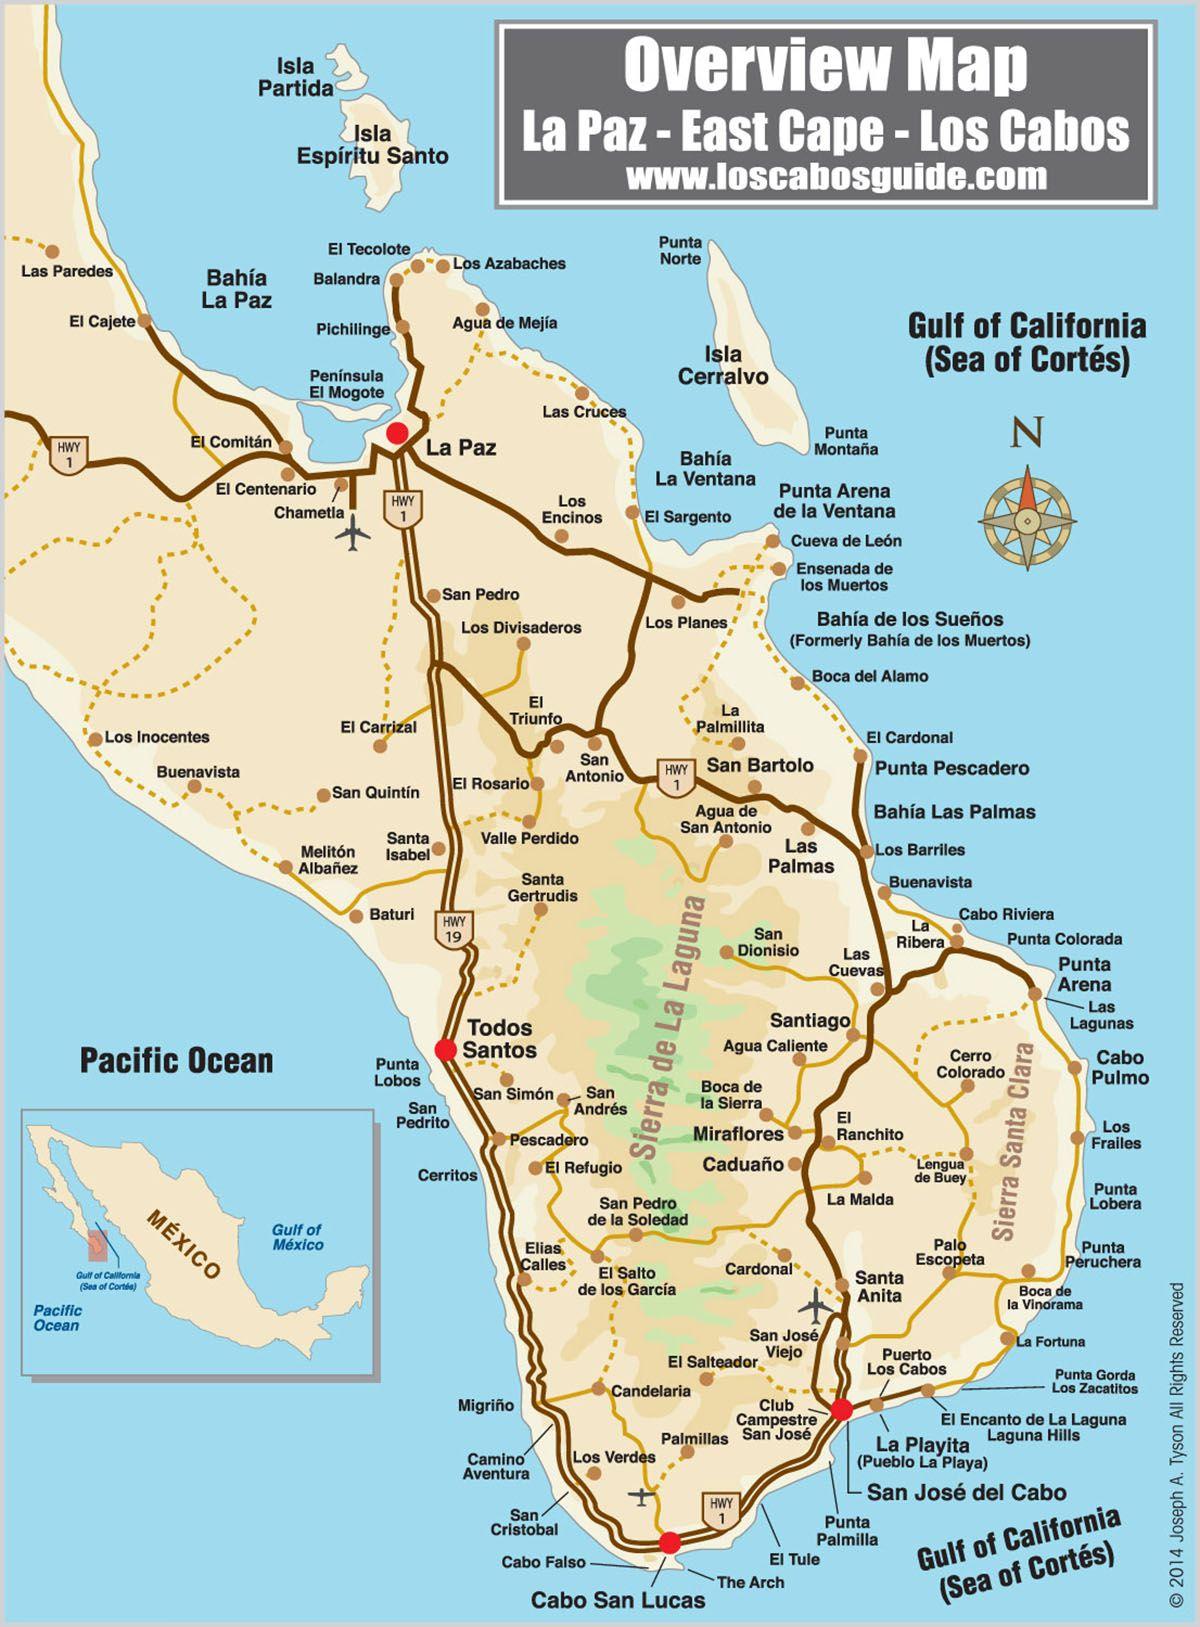 Overview Map La Paz - East Cape - Los Cabos - Los Cabos Guide | Retreats - La Paz Baja California Map